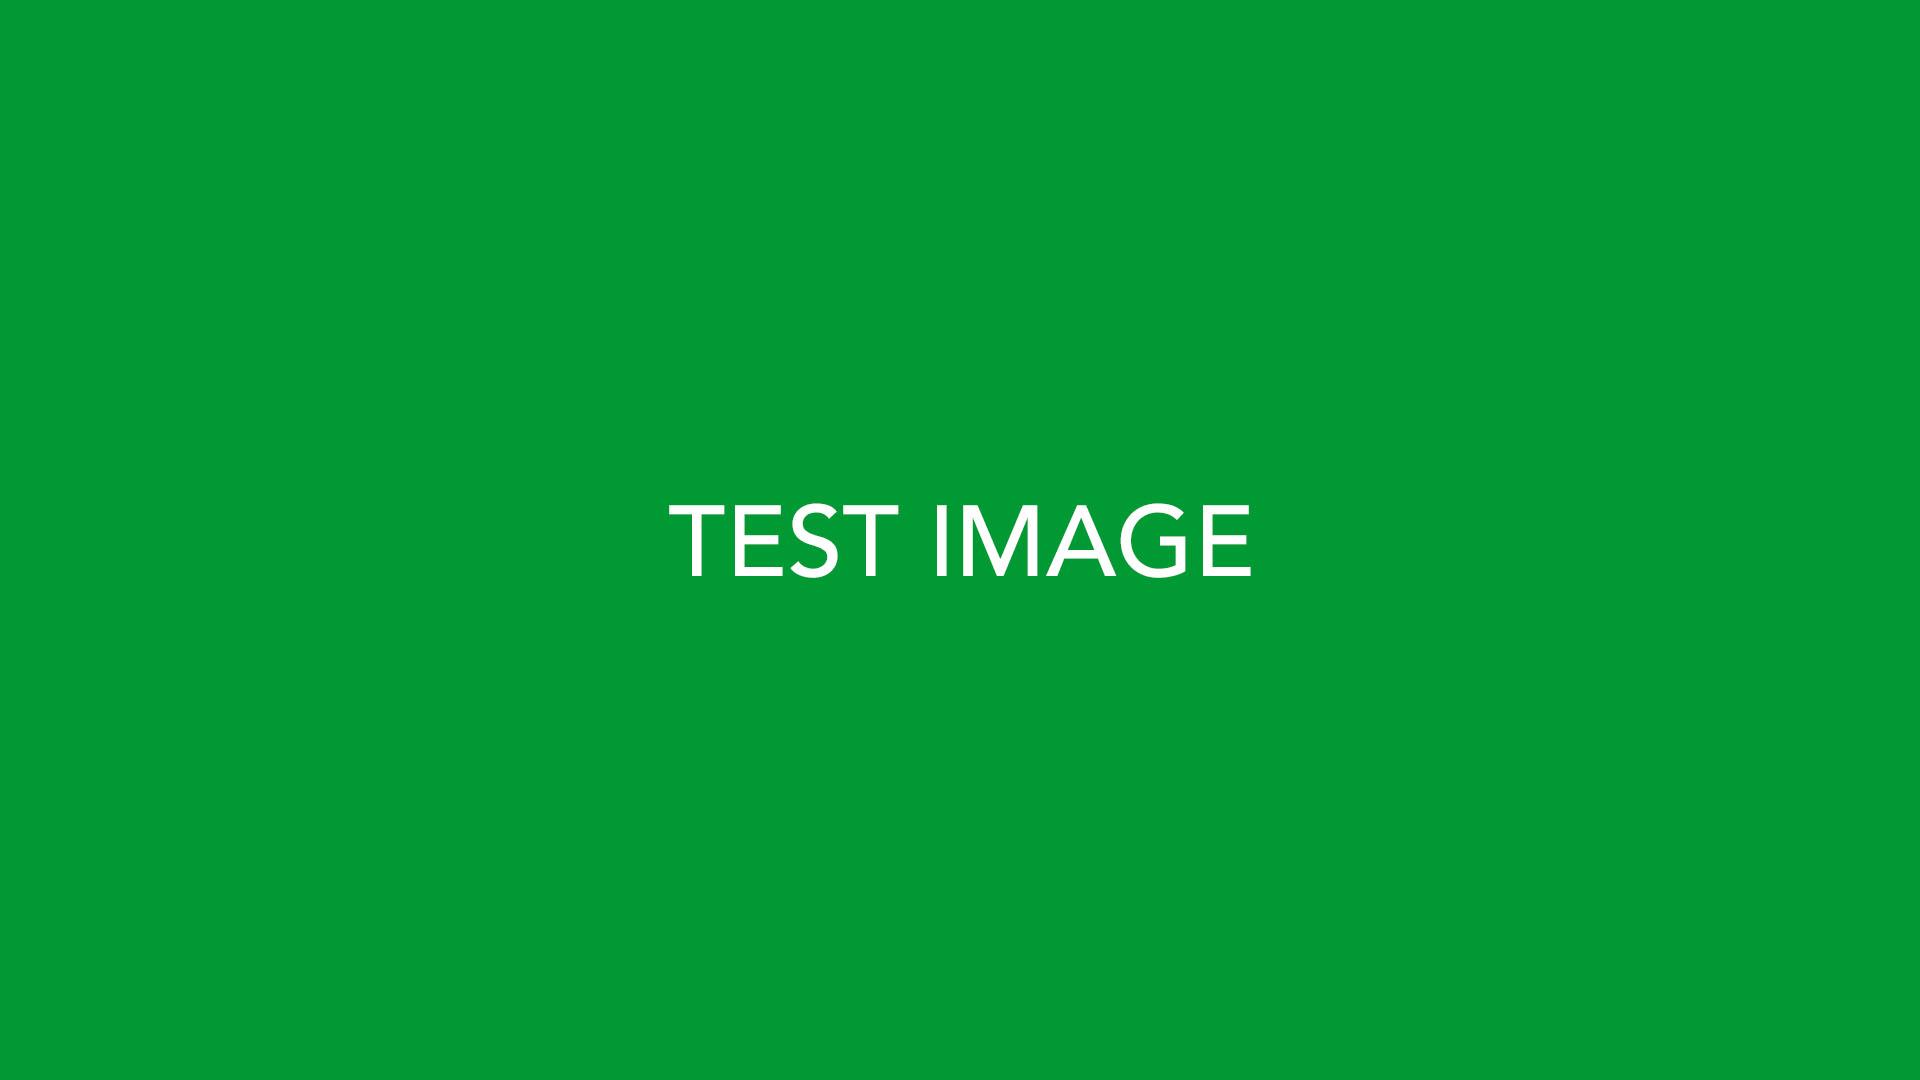 TestImage_02 copy.jpg